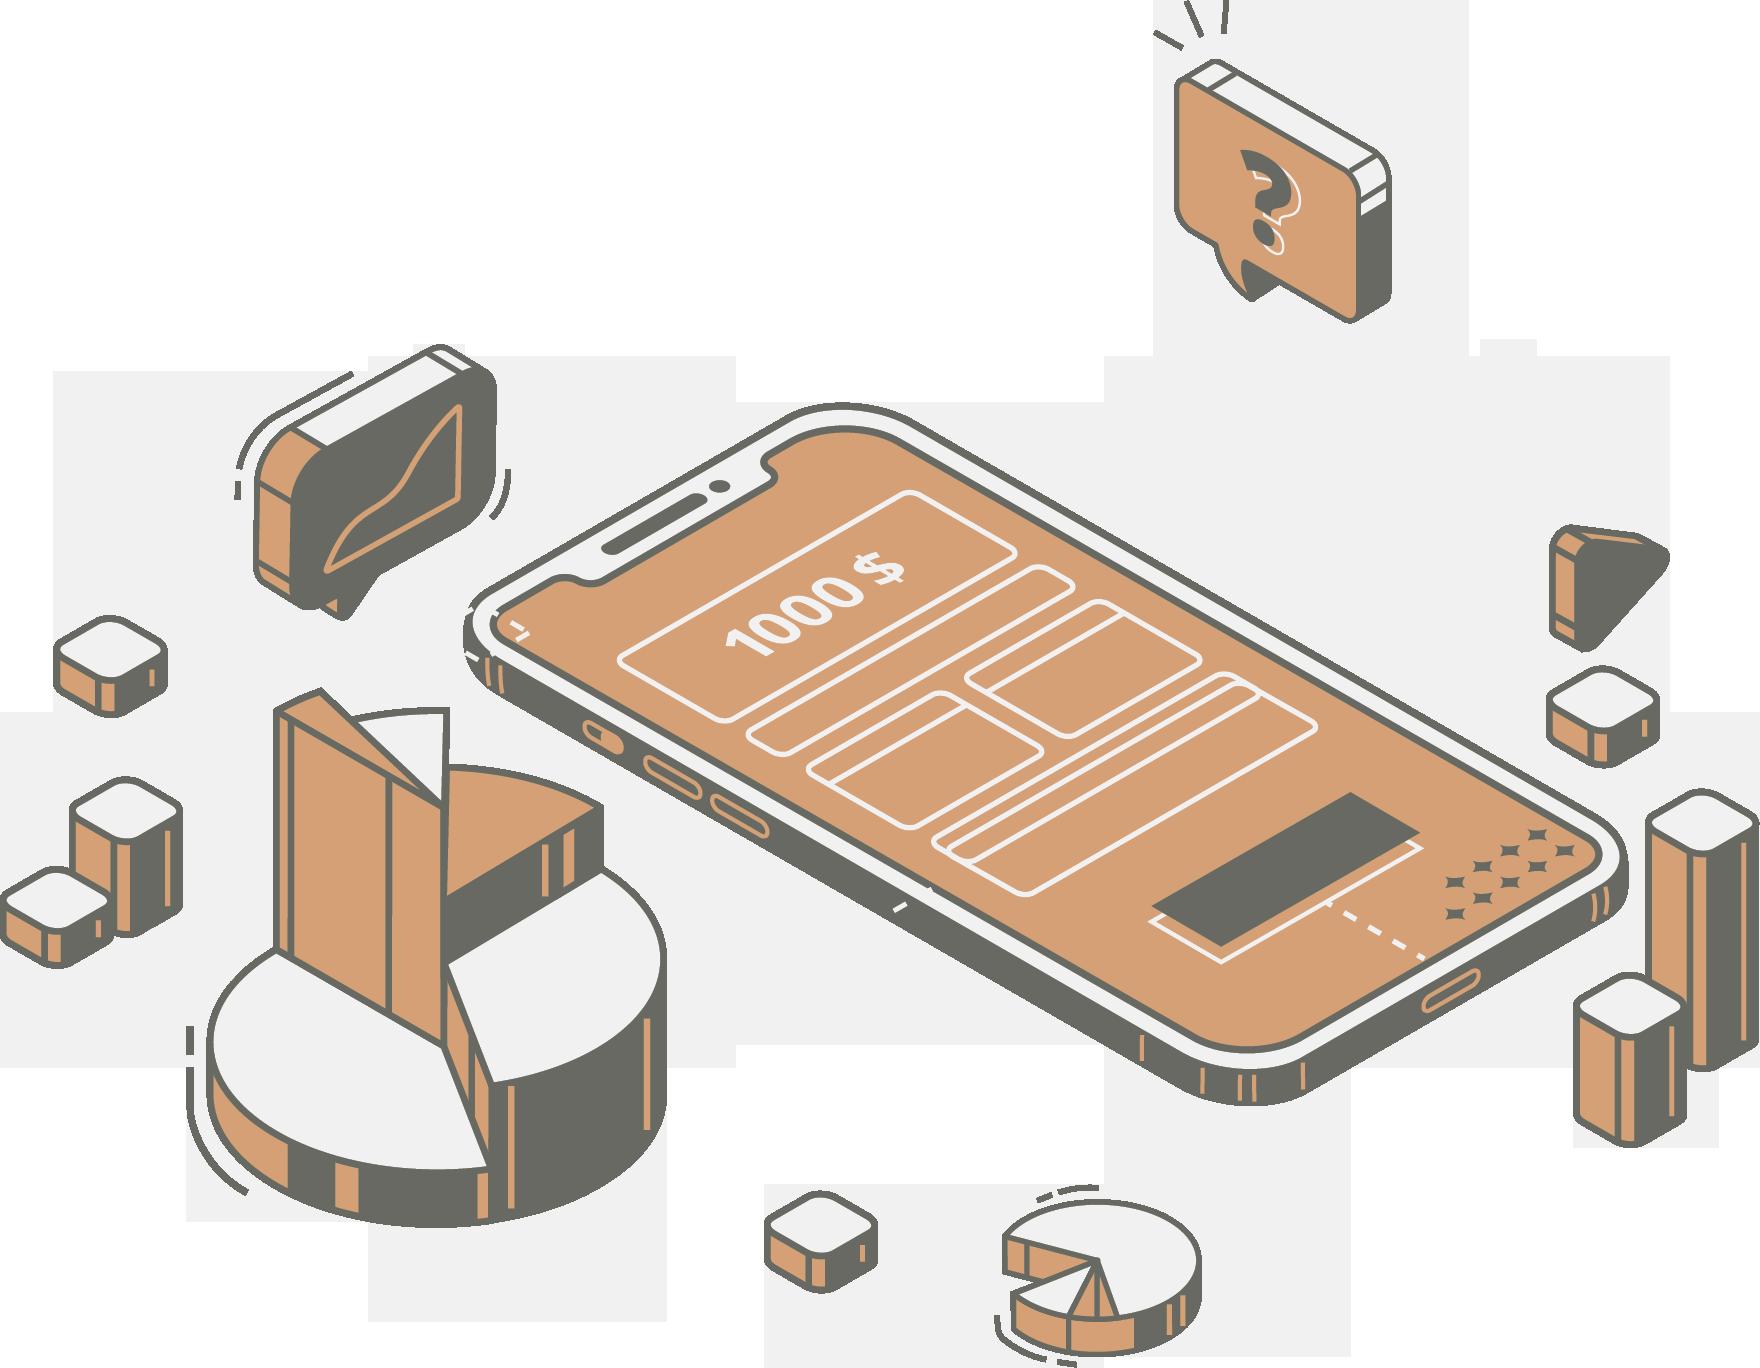 gestão de celulares corporativos icone laranja